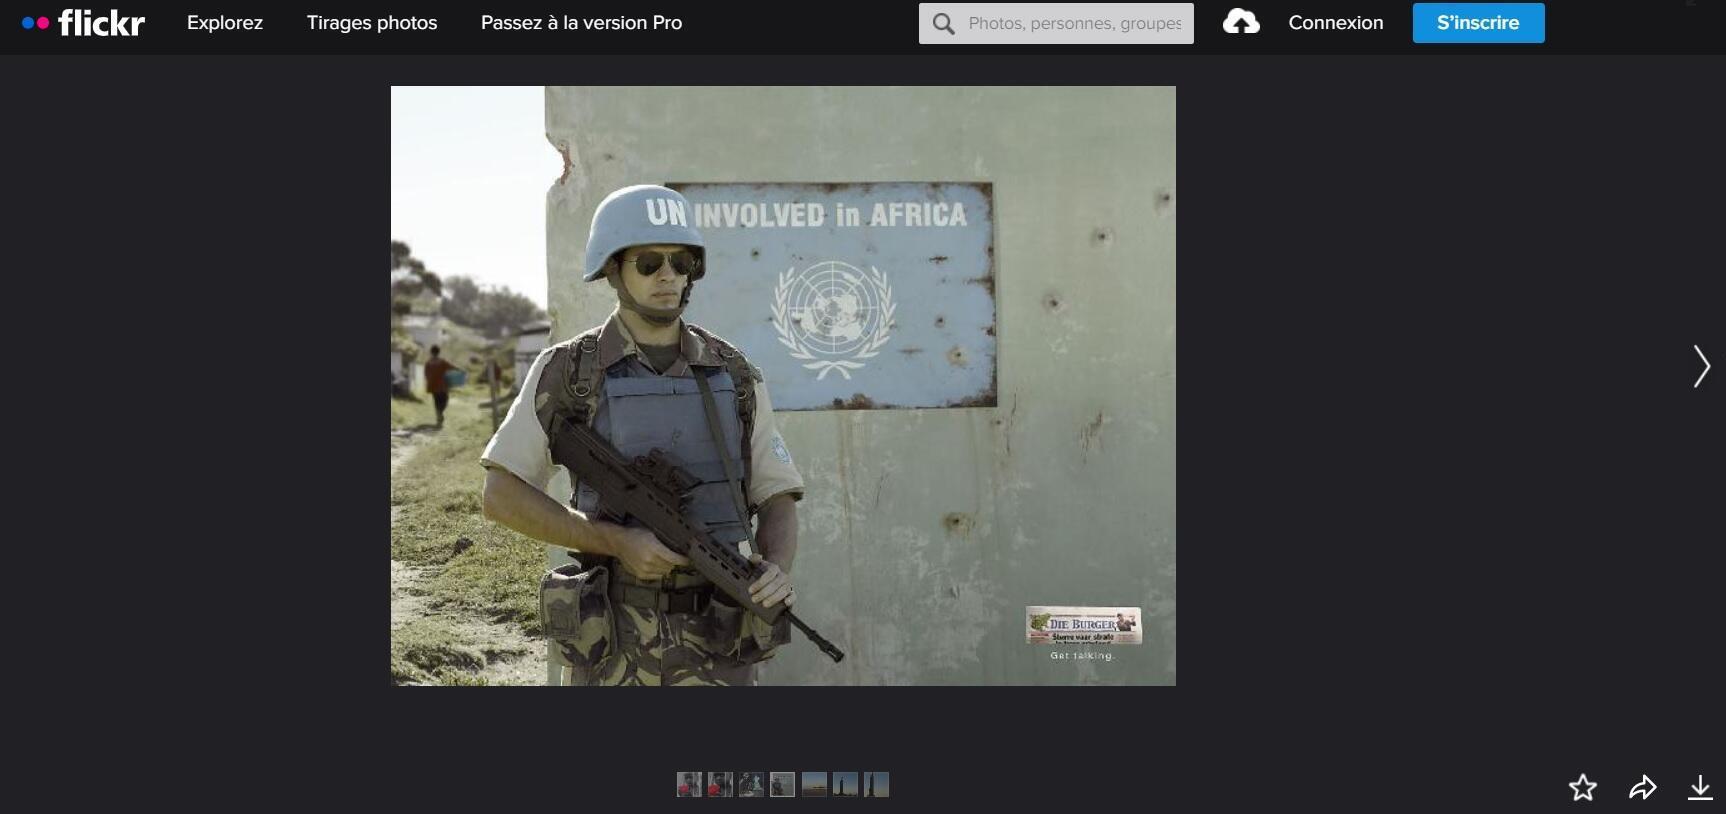 """صورة ملتقطة من الحملة الأصلية التي صوَرها شاد هينينغ لفائدة وكالة """"أف سي بي كيب تاون'' الإشهارية في إفريقيا الجنوبية."""